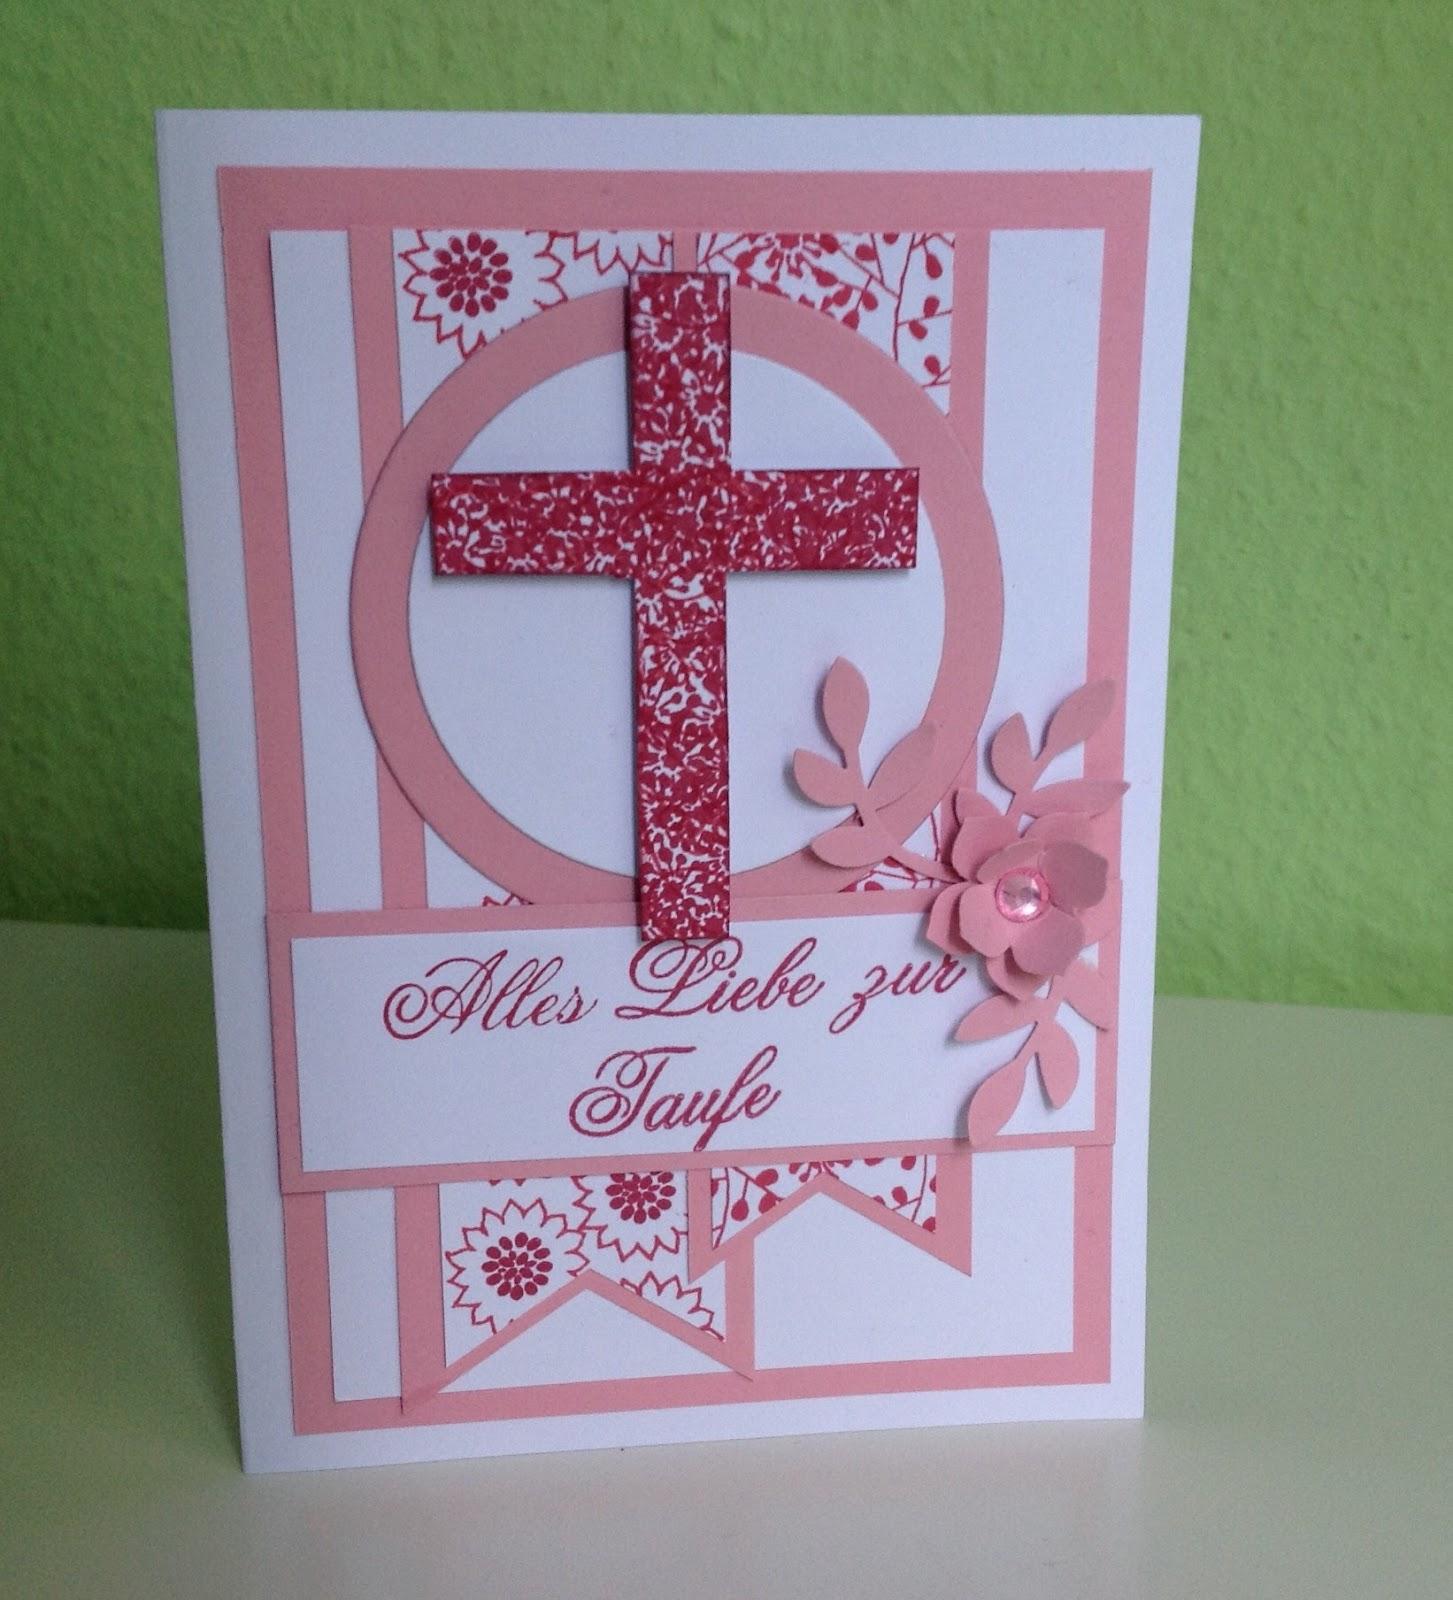 Kristin Stempelmädels Karte Zur Taufe Für Mädchen